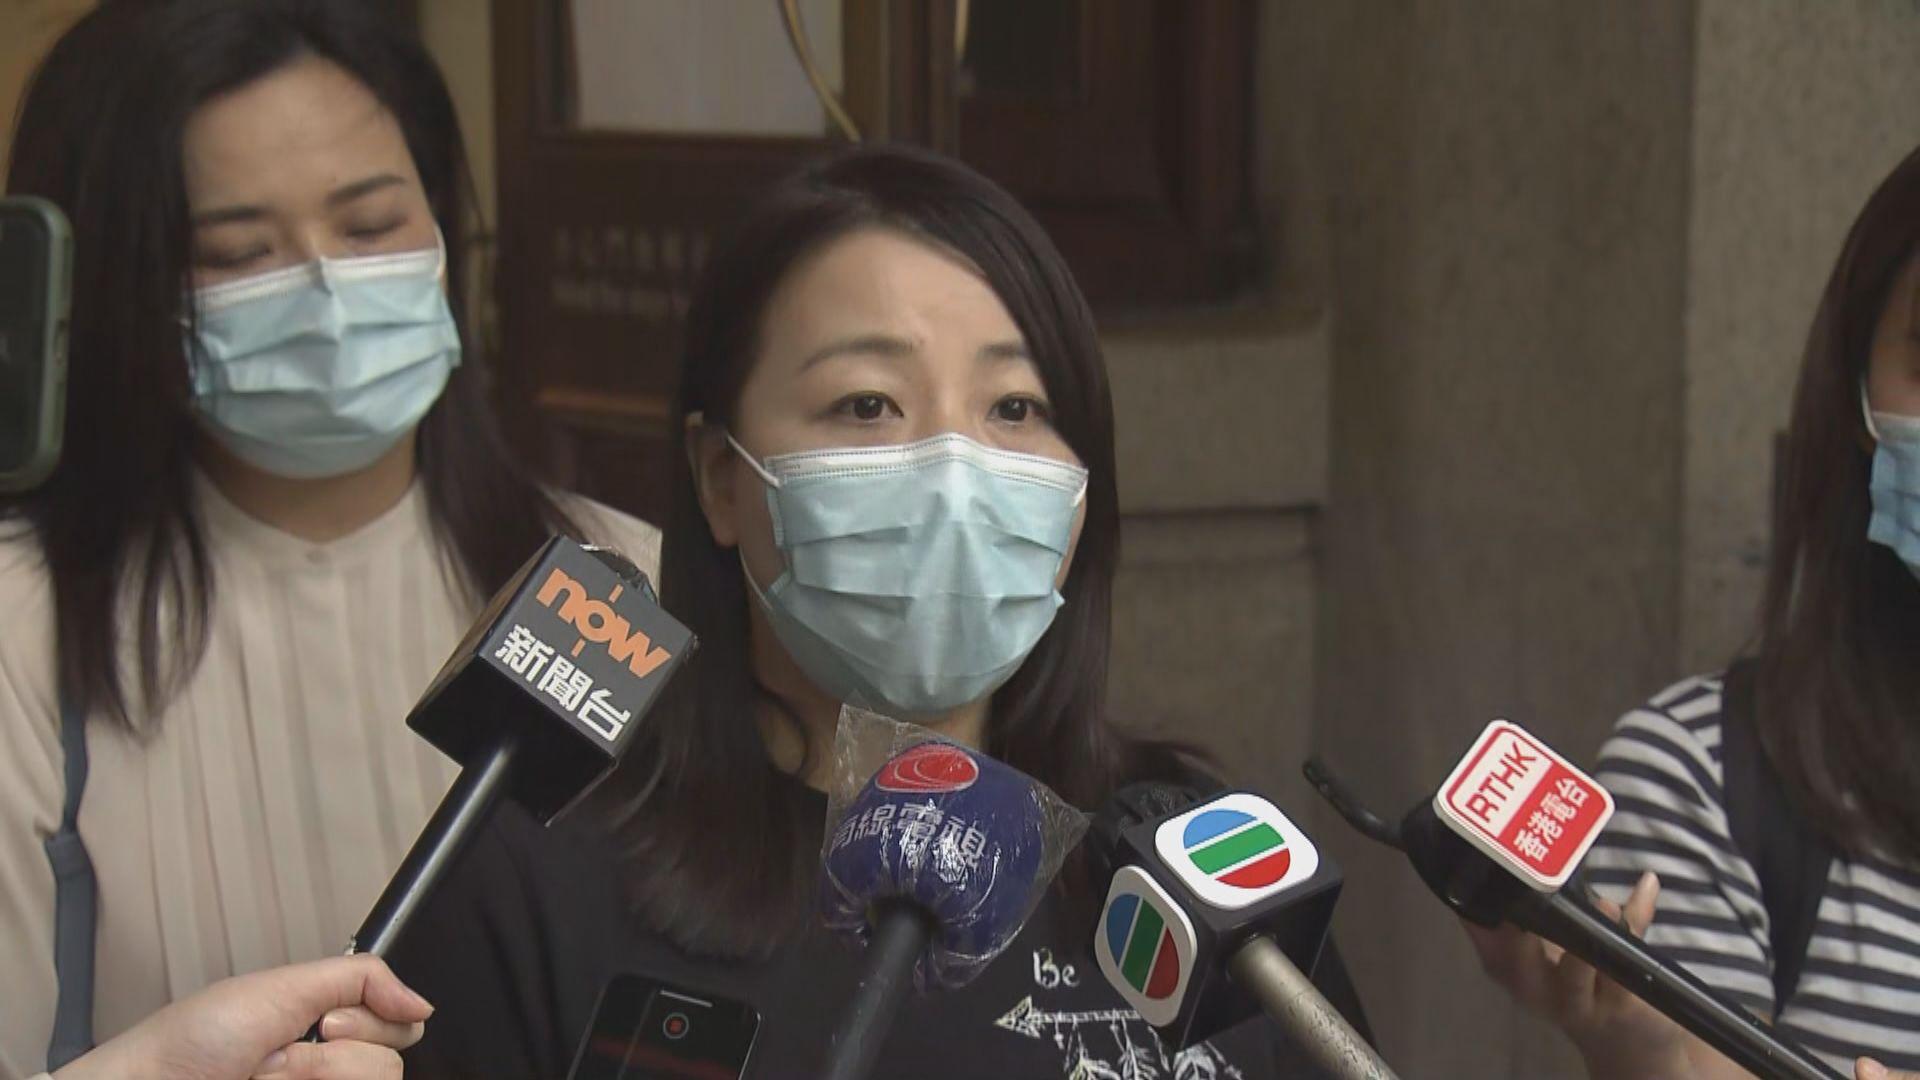 高院:選舉主任無讓劉小麗解釋立場 有違程序公義